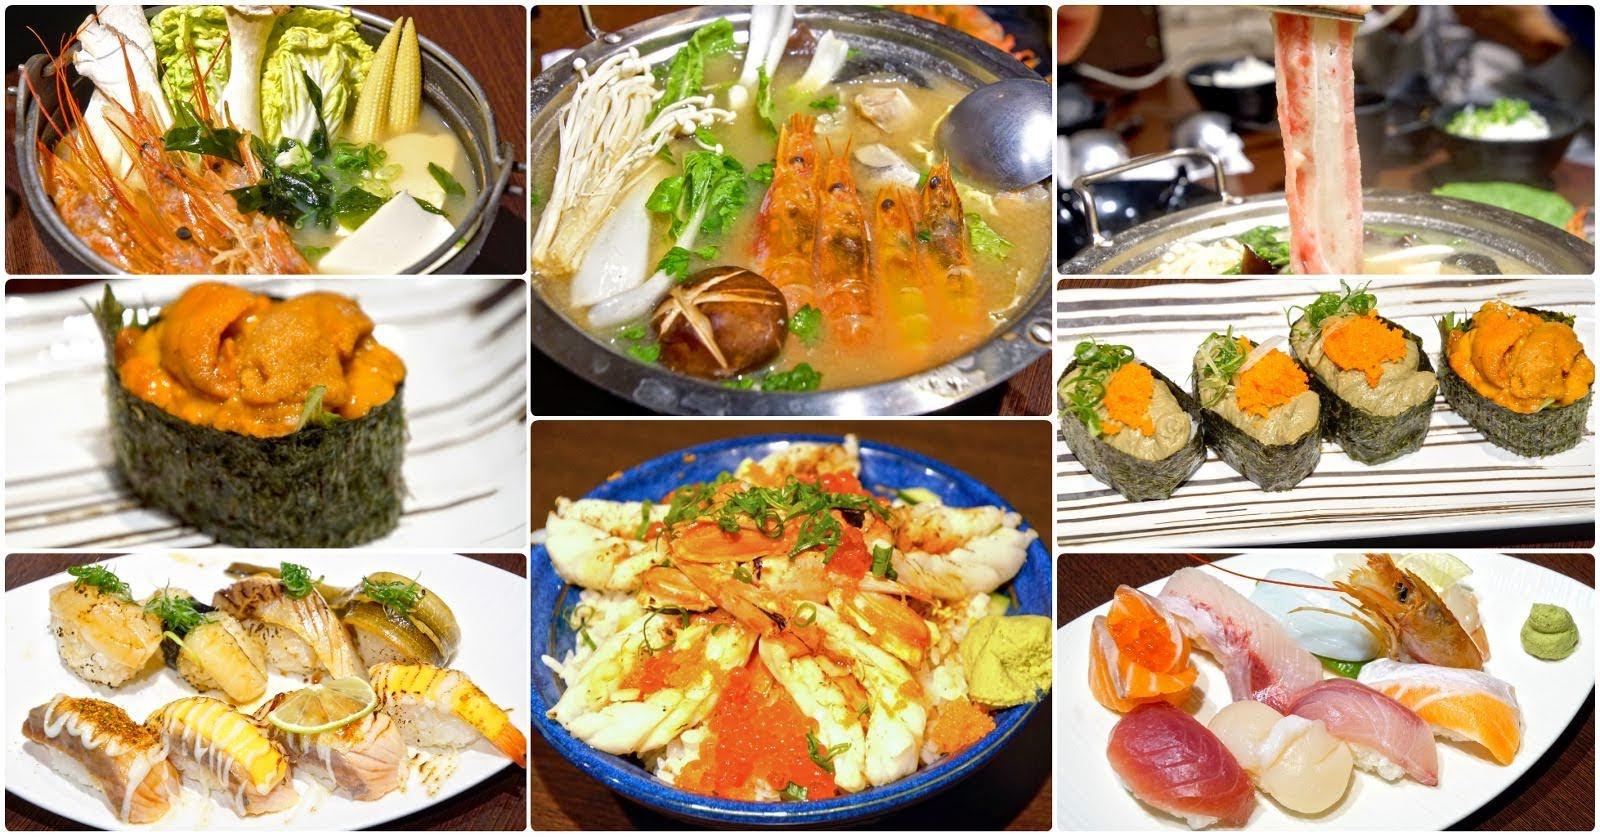 [台南][安平區] 纓風鮨味壽司鍋物|新二代概念館-安平店|食記